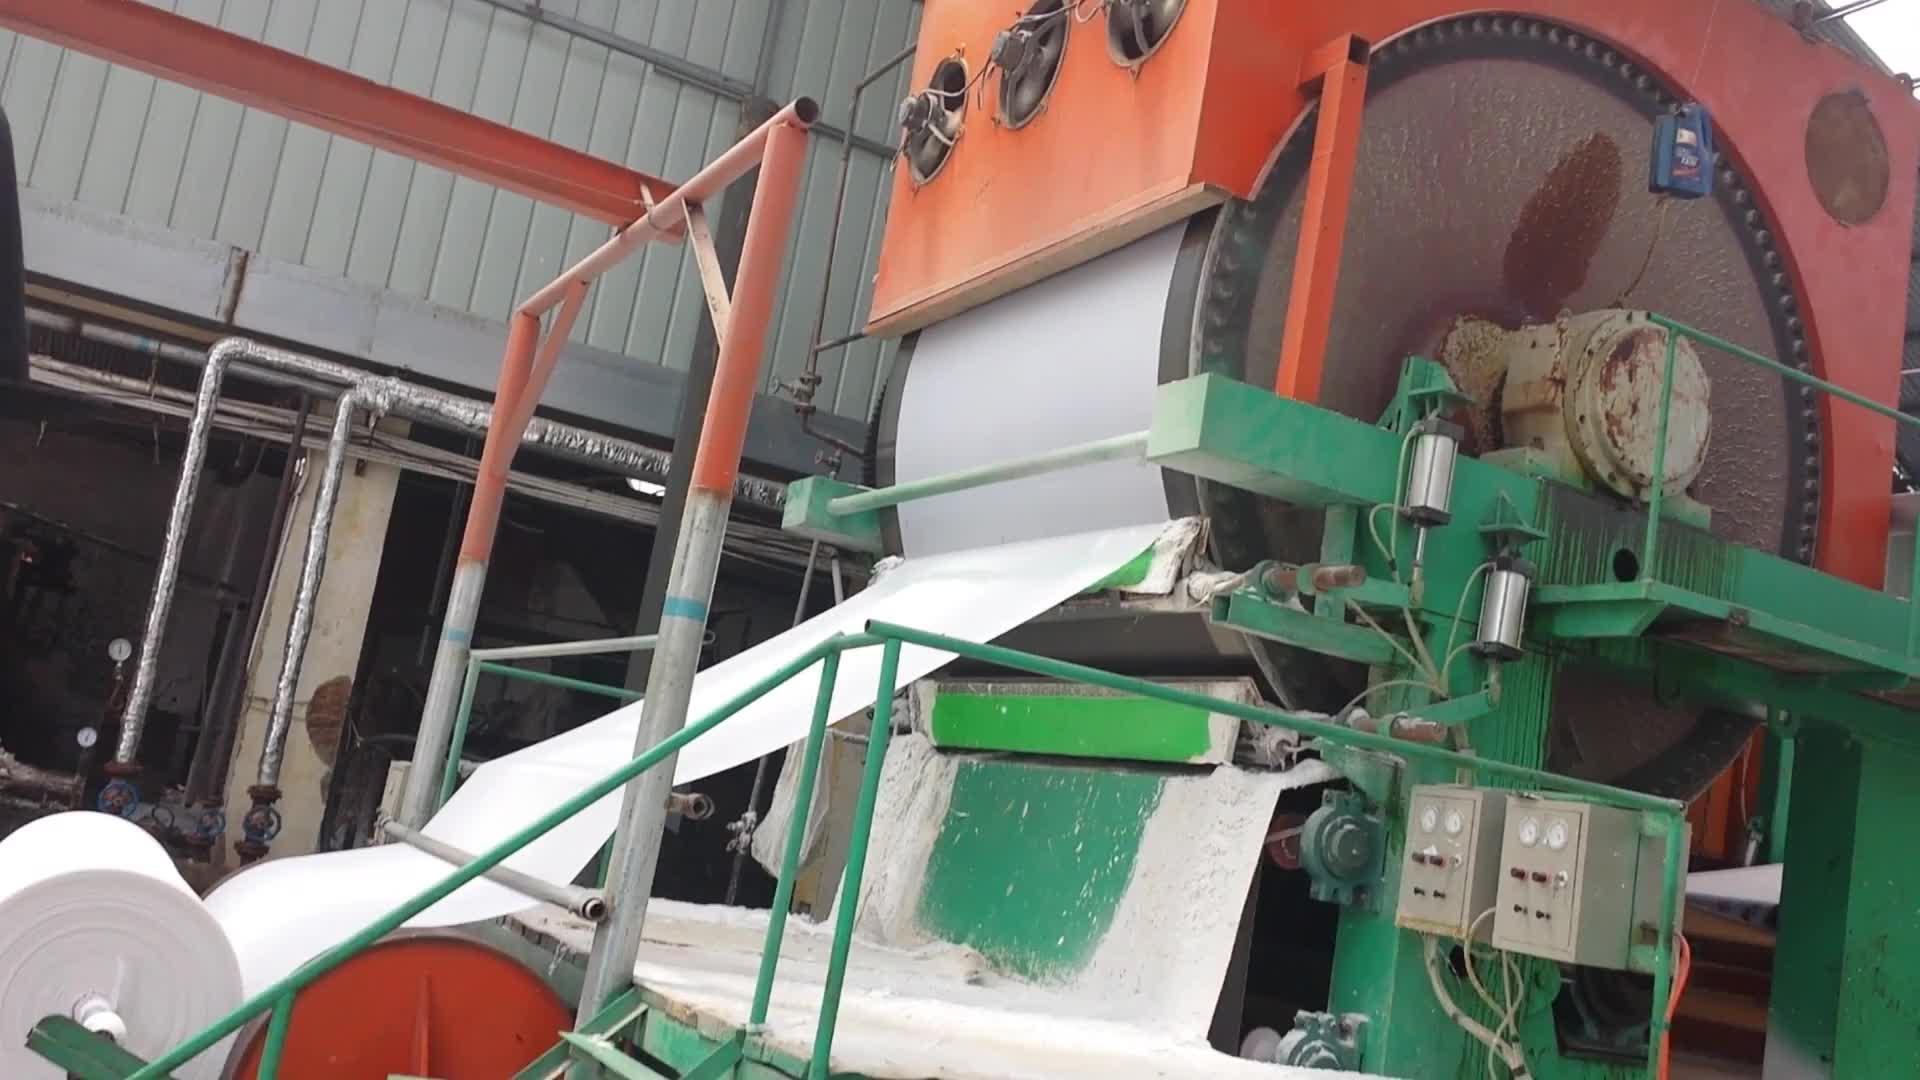 Машина для утилизации отходов переработки салфетка Туалет прокатки станки термического формования мельница ленточная пила для резки туалетной бумаги машина стоимость